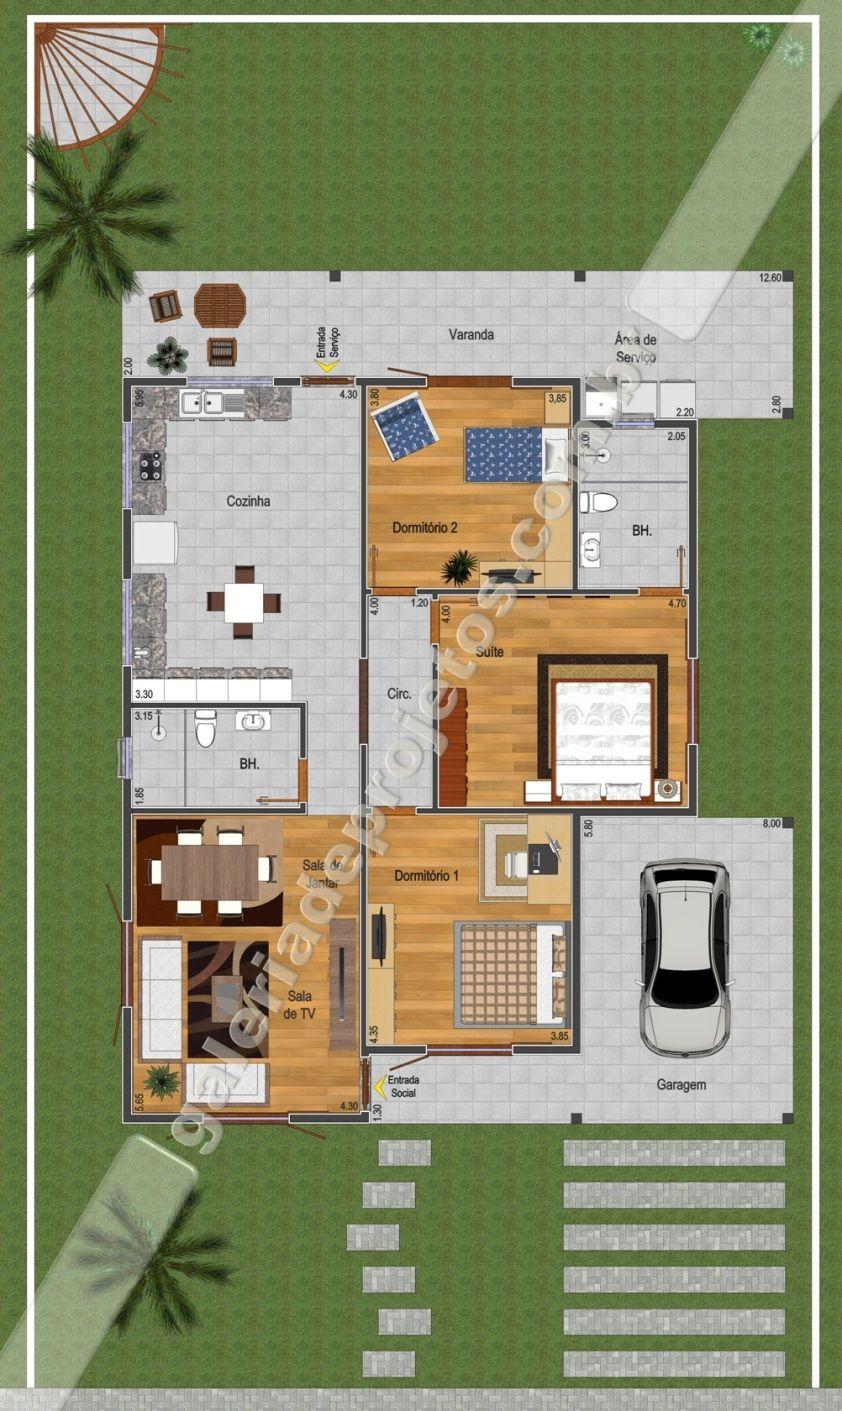 C projeto casa t rrea 2 quartos e 1 su te for Casa moderna 2 andares 3 quartos